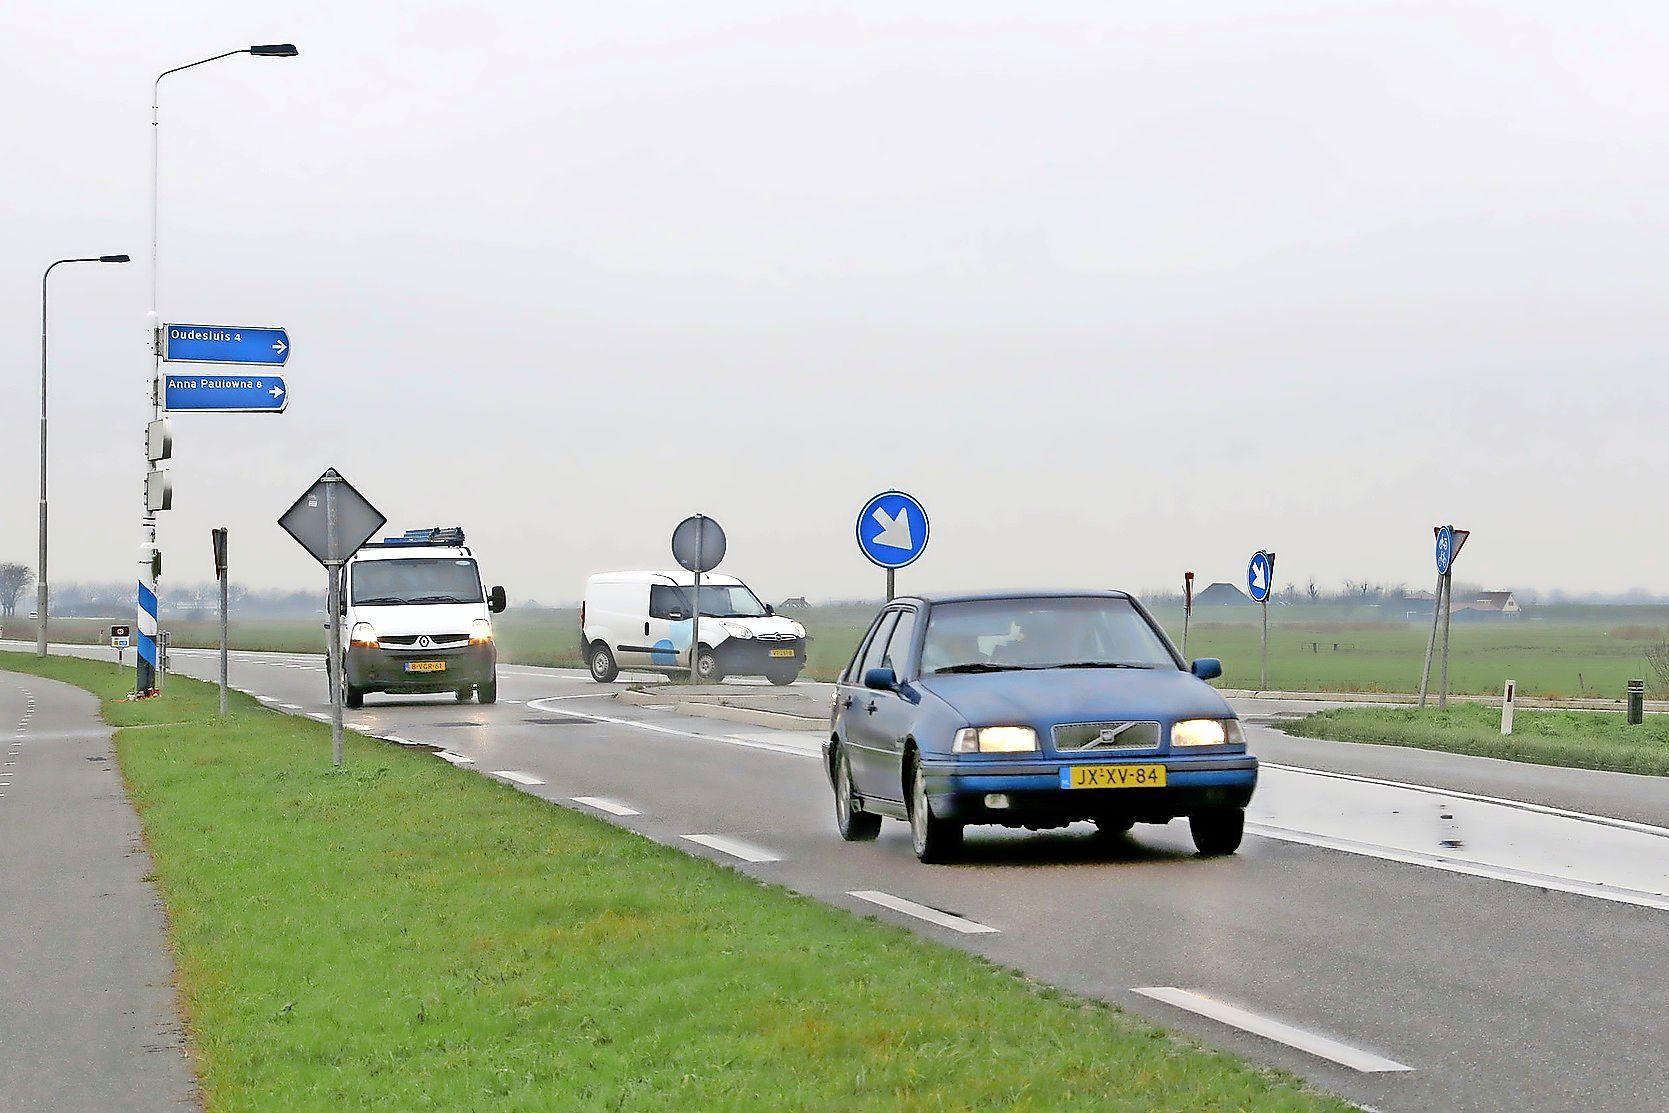 Na de zomer maatregelen voor onveilige kruisingen op de N248, waaronder de Wadweg/Kanaalweg. Dit op basis van gesprek tussen provincie en bewoners